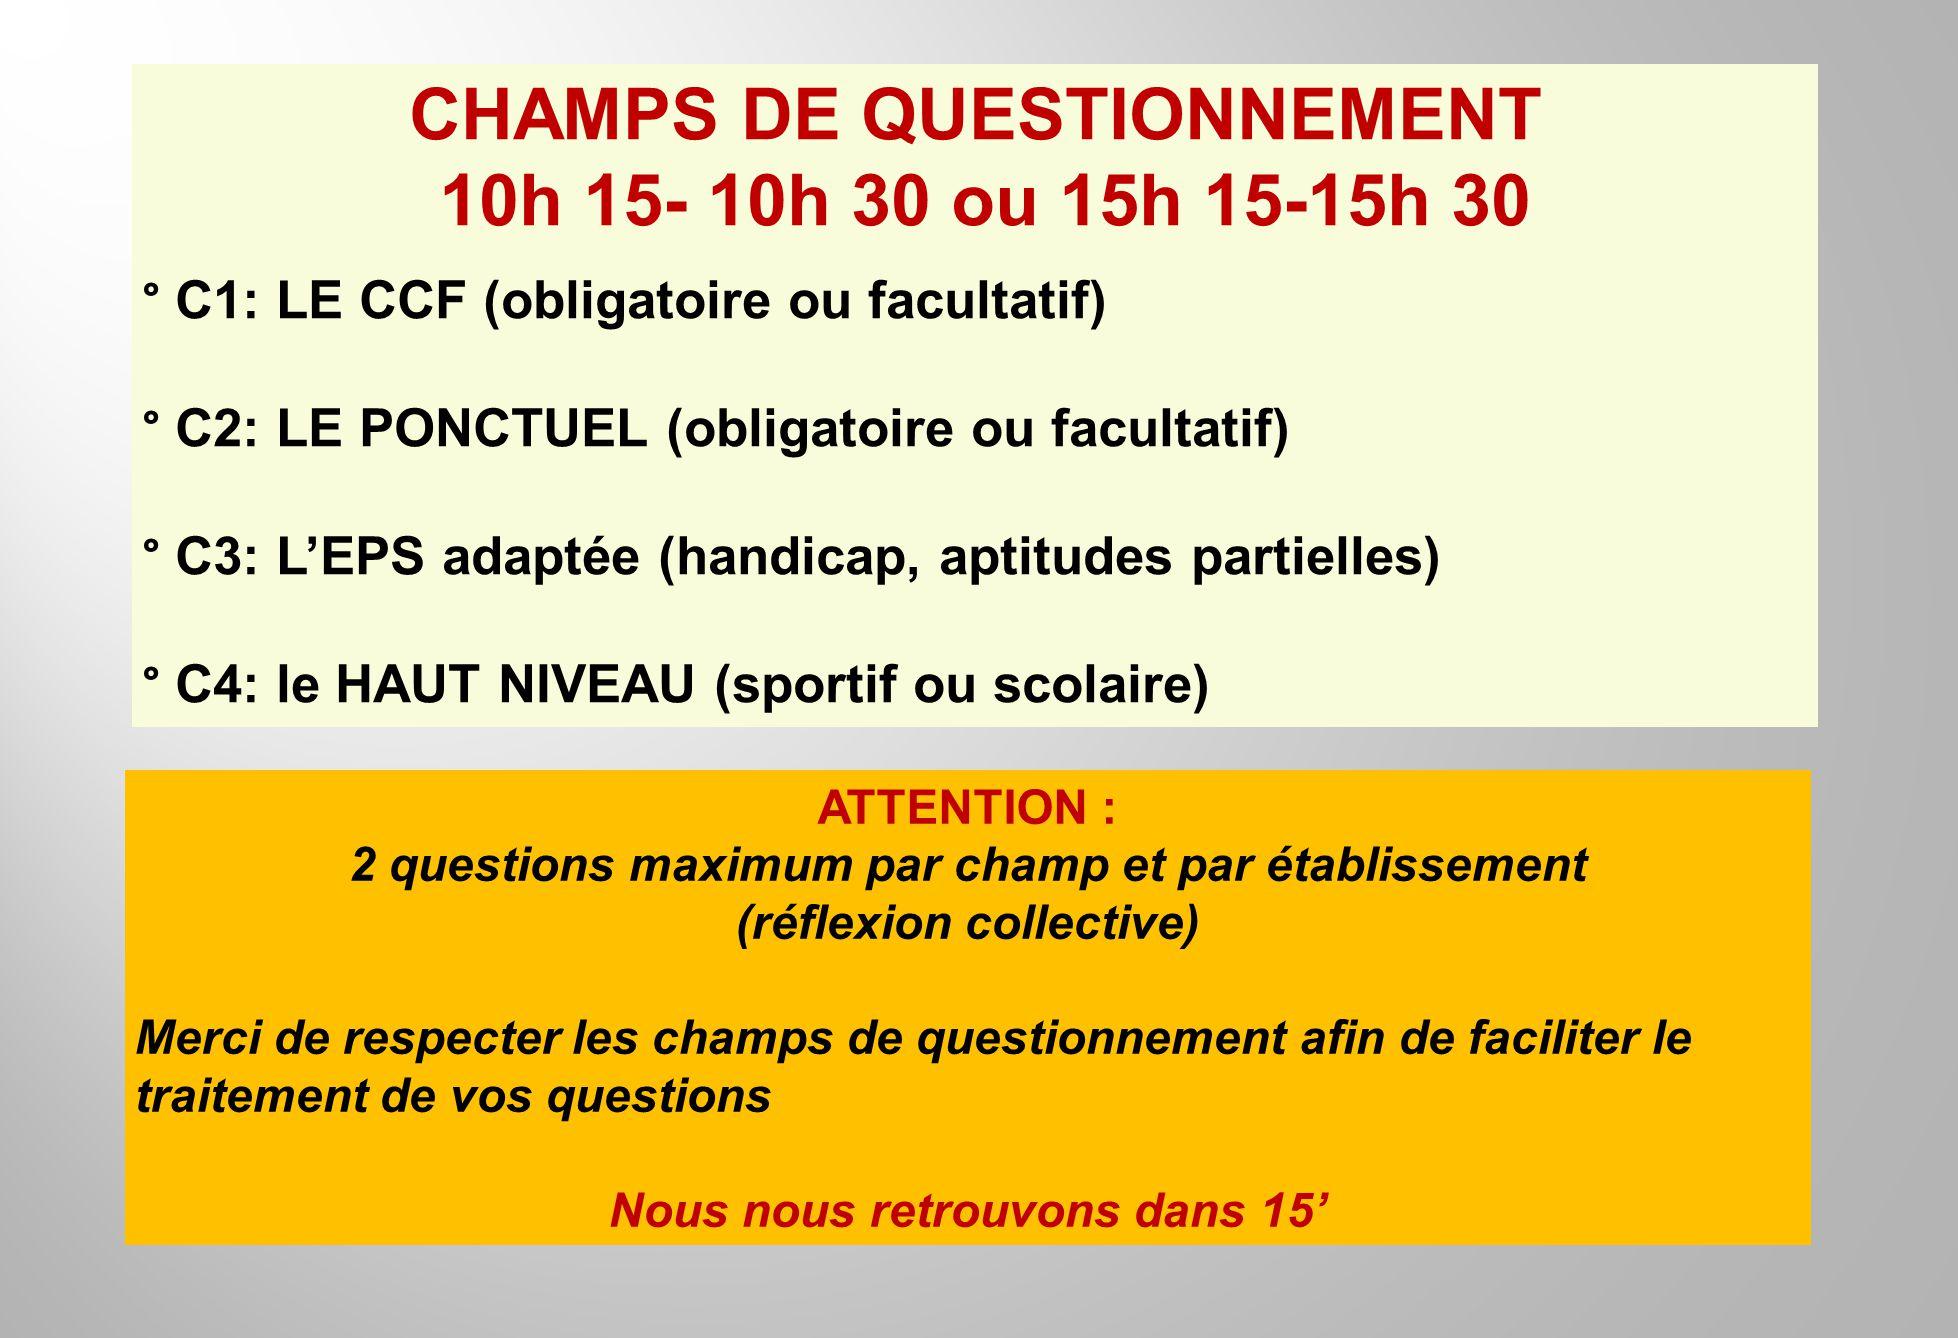 CHAMPS DE QUESTIONNEMENT 10h 15- 10h 30 ou 15h 15-15h 30 ° C1: LE CCF (obligatoire ou facultatif) ° C2: LE PONCTUEL (obligatoire ou facultatif) ° C3: